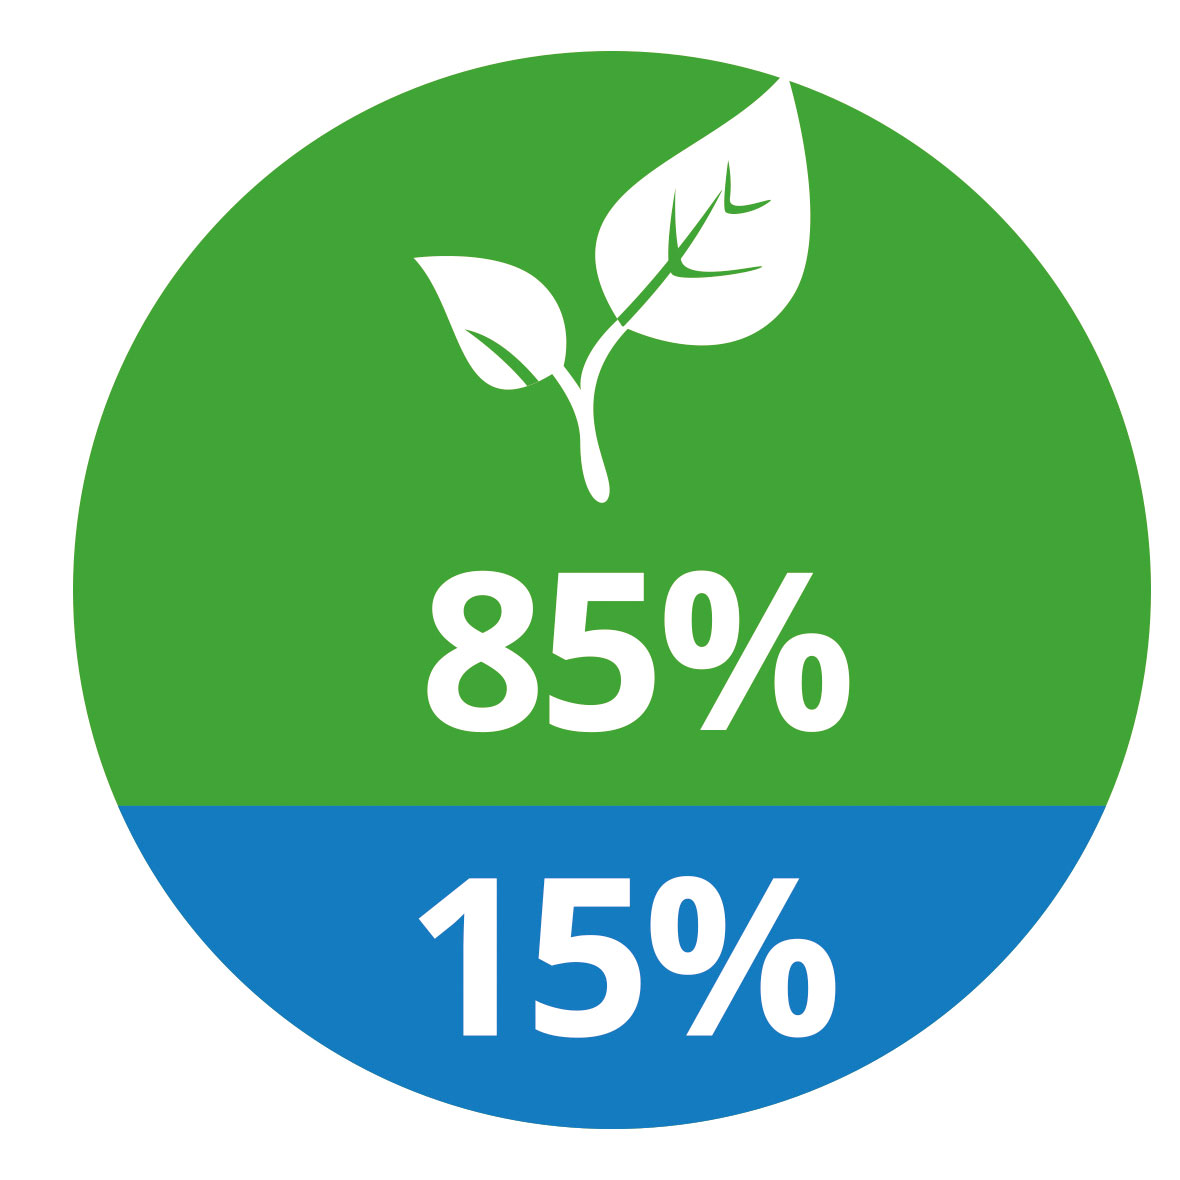 85% Zellstoff - 15% Ethylen-Vinylacetat